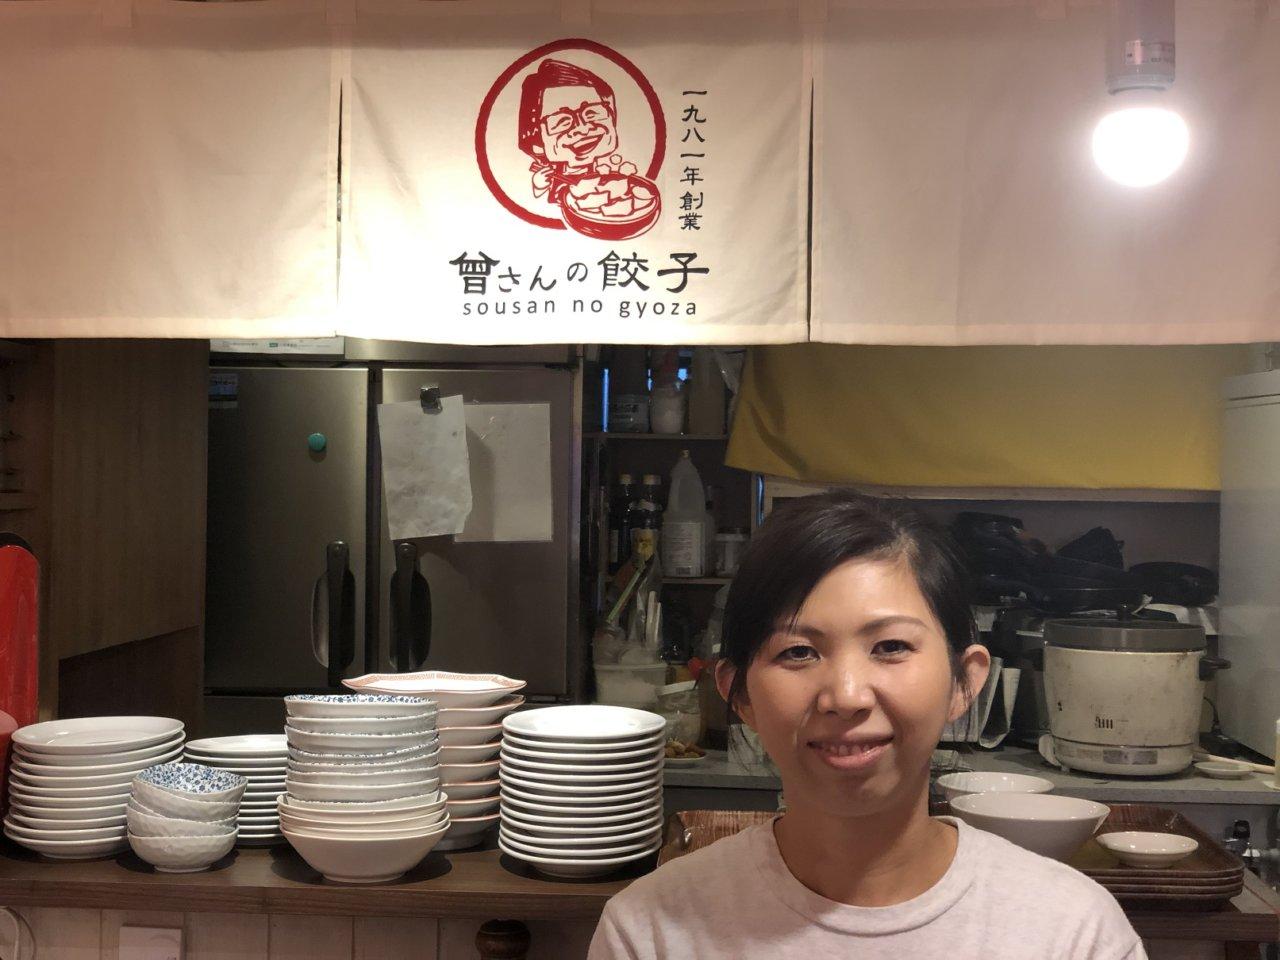 曾さんの餃子-ミャンマー人夫婦の独立開業ストーリーの画像